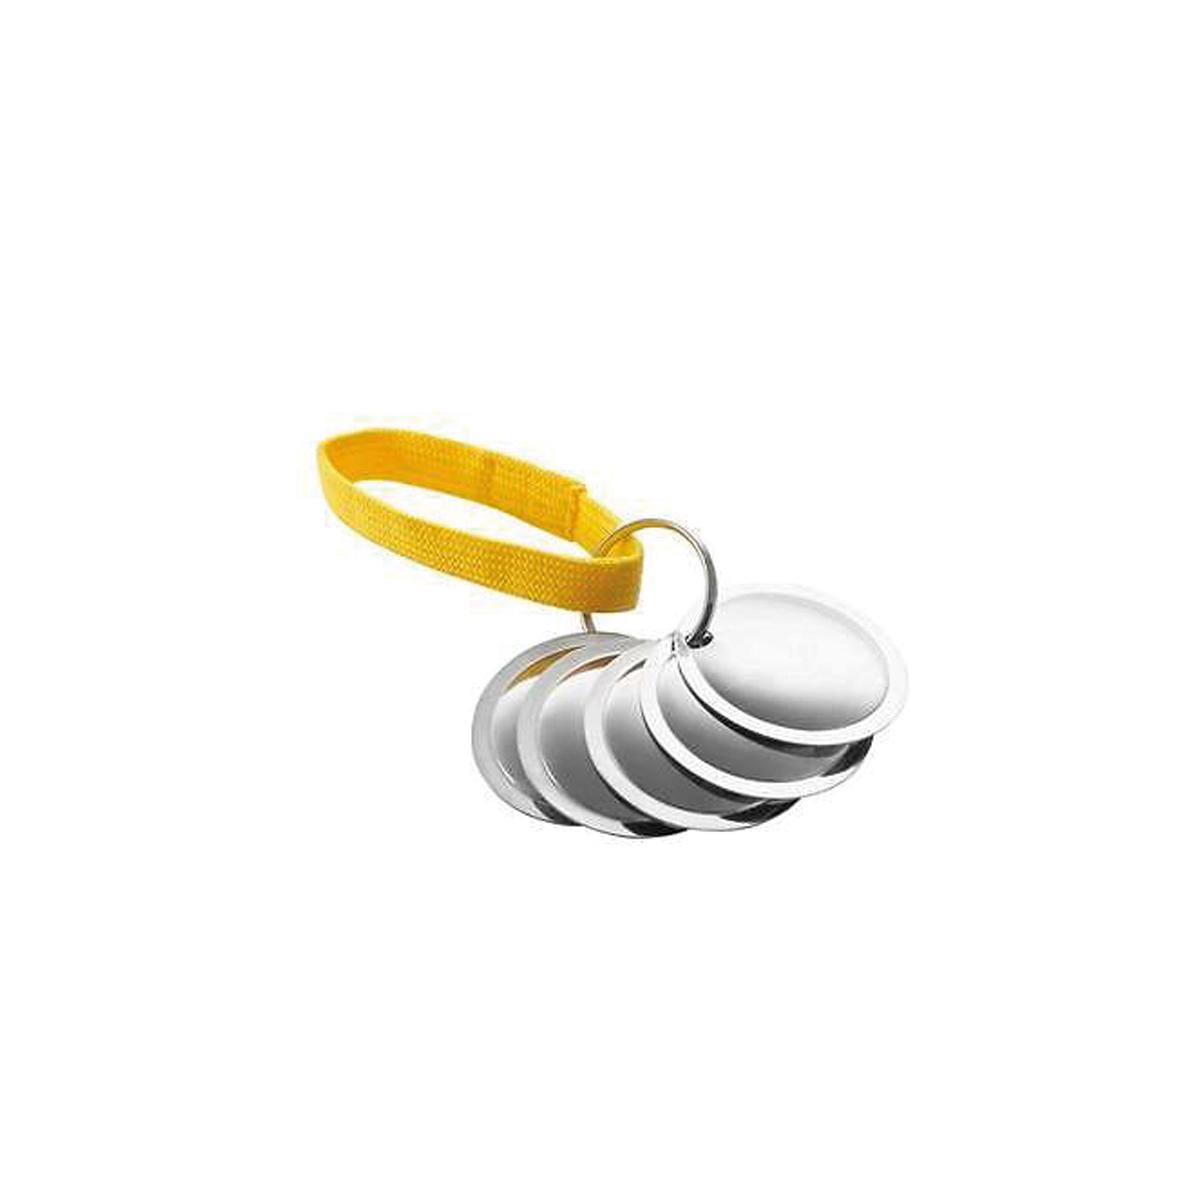 Trainer disc geel